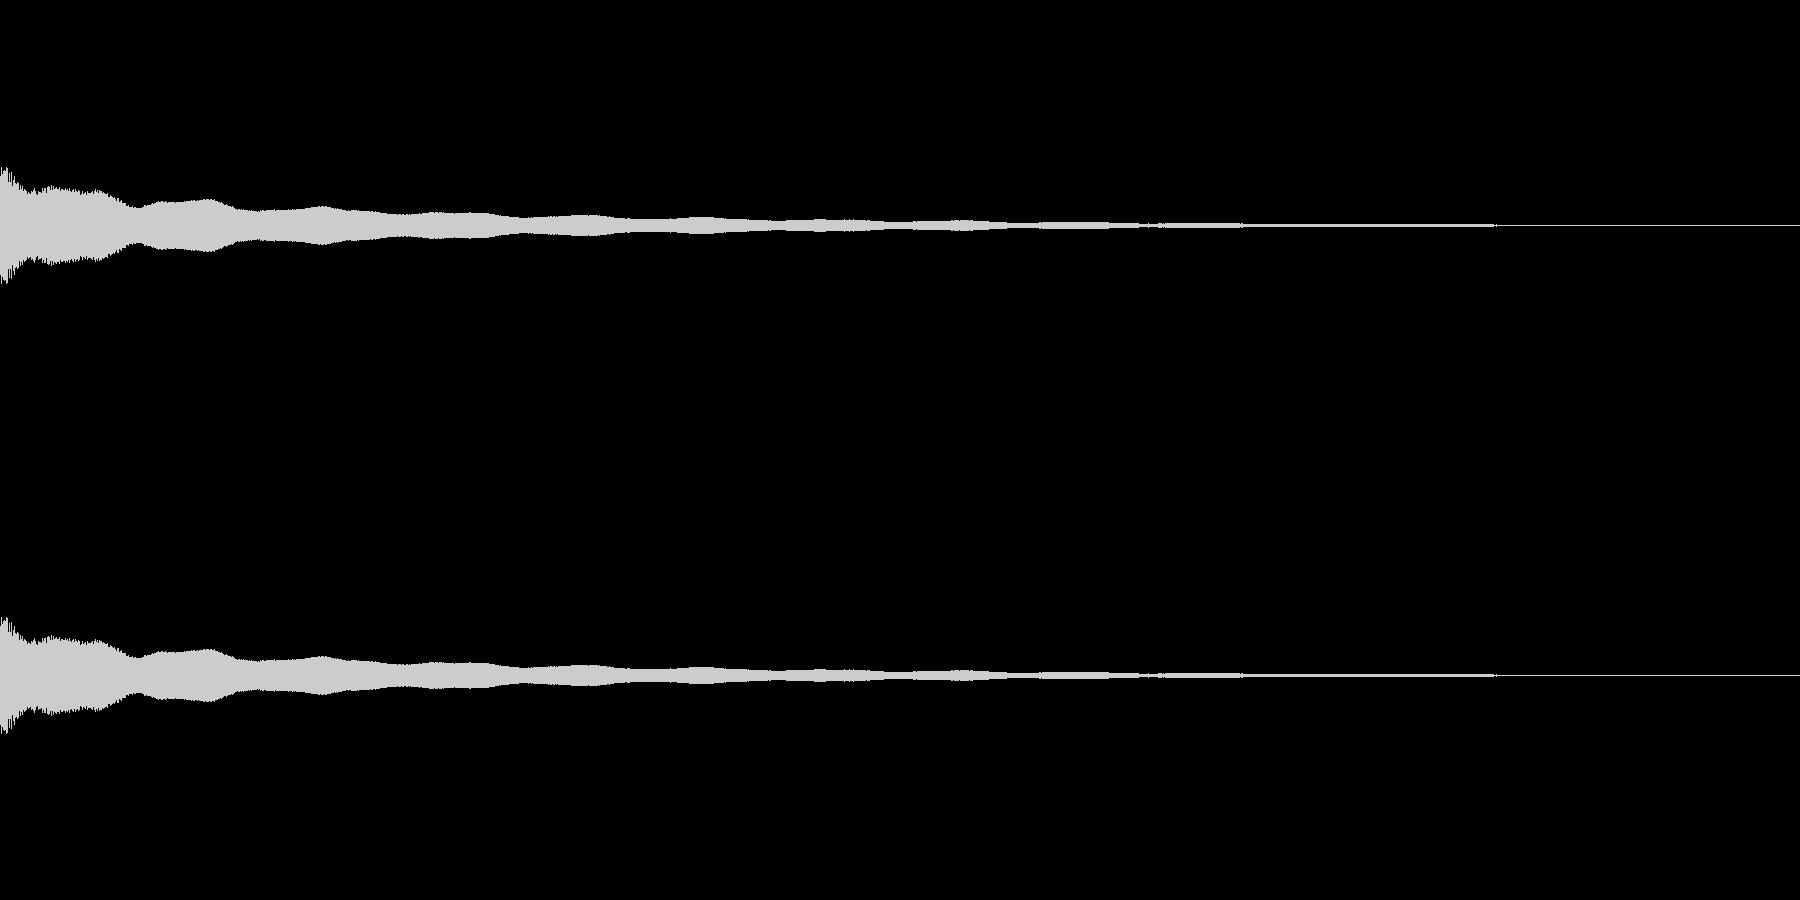 チーン_仏壇の鐘の音の未再生の波形